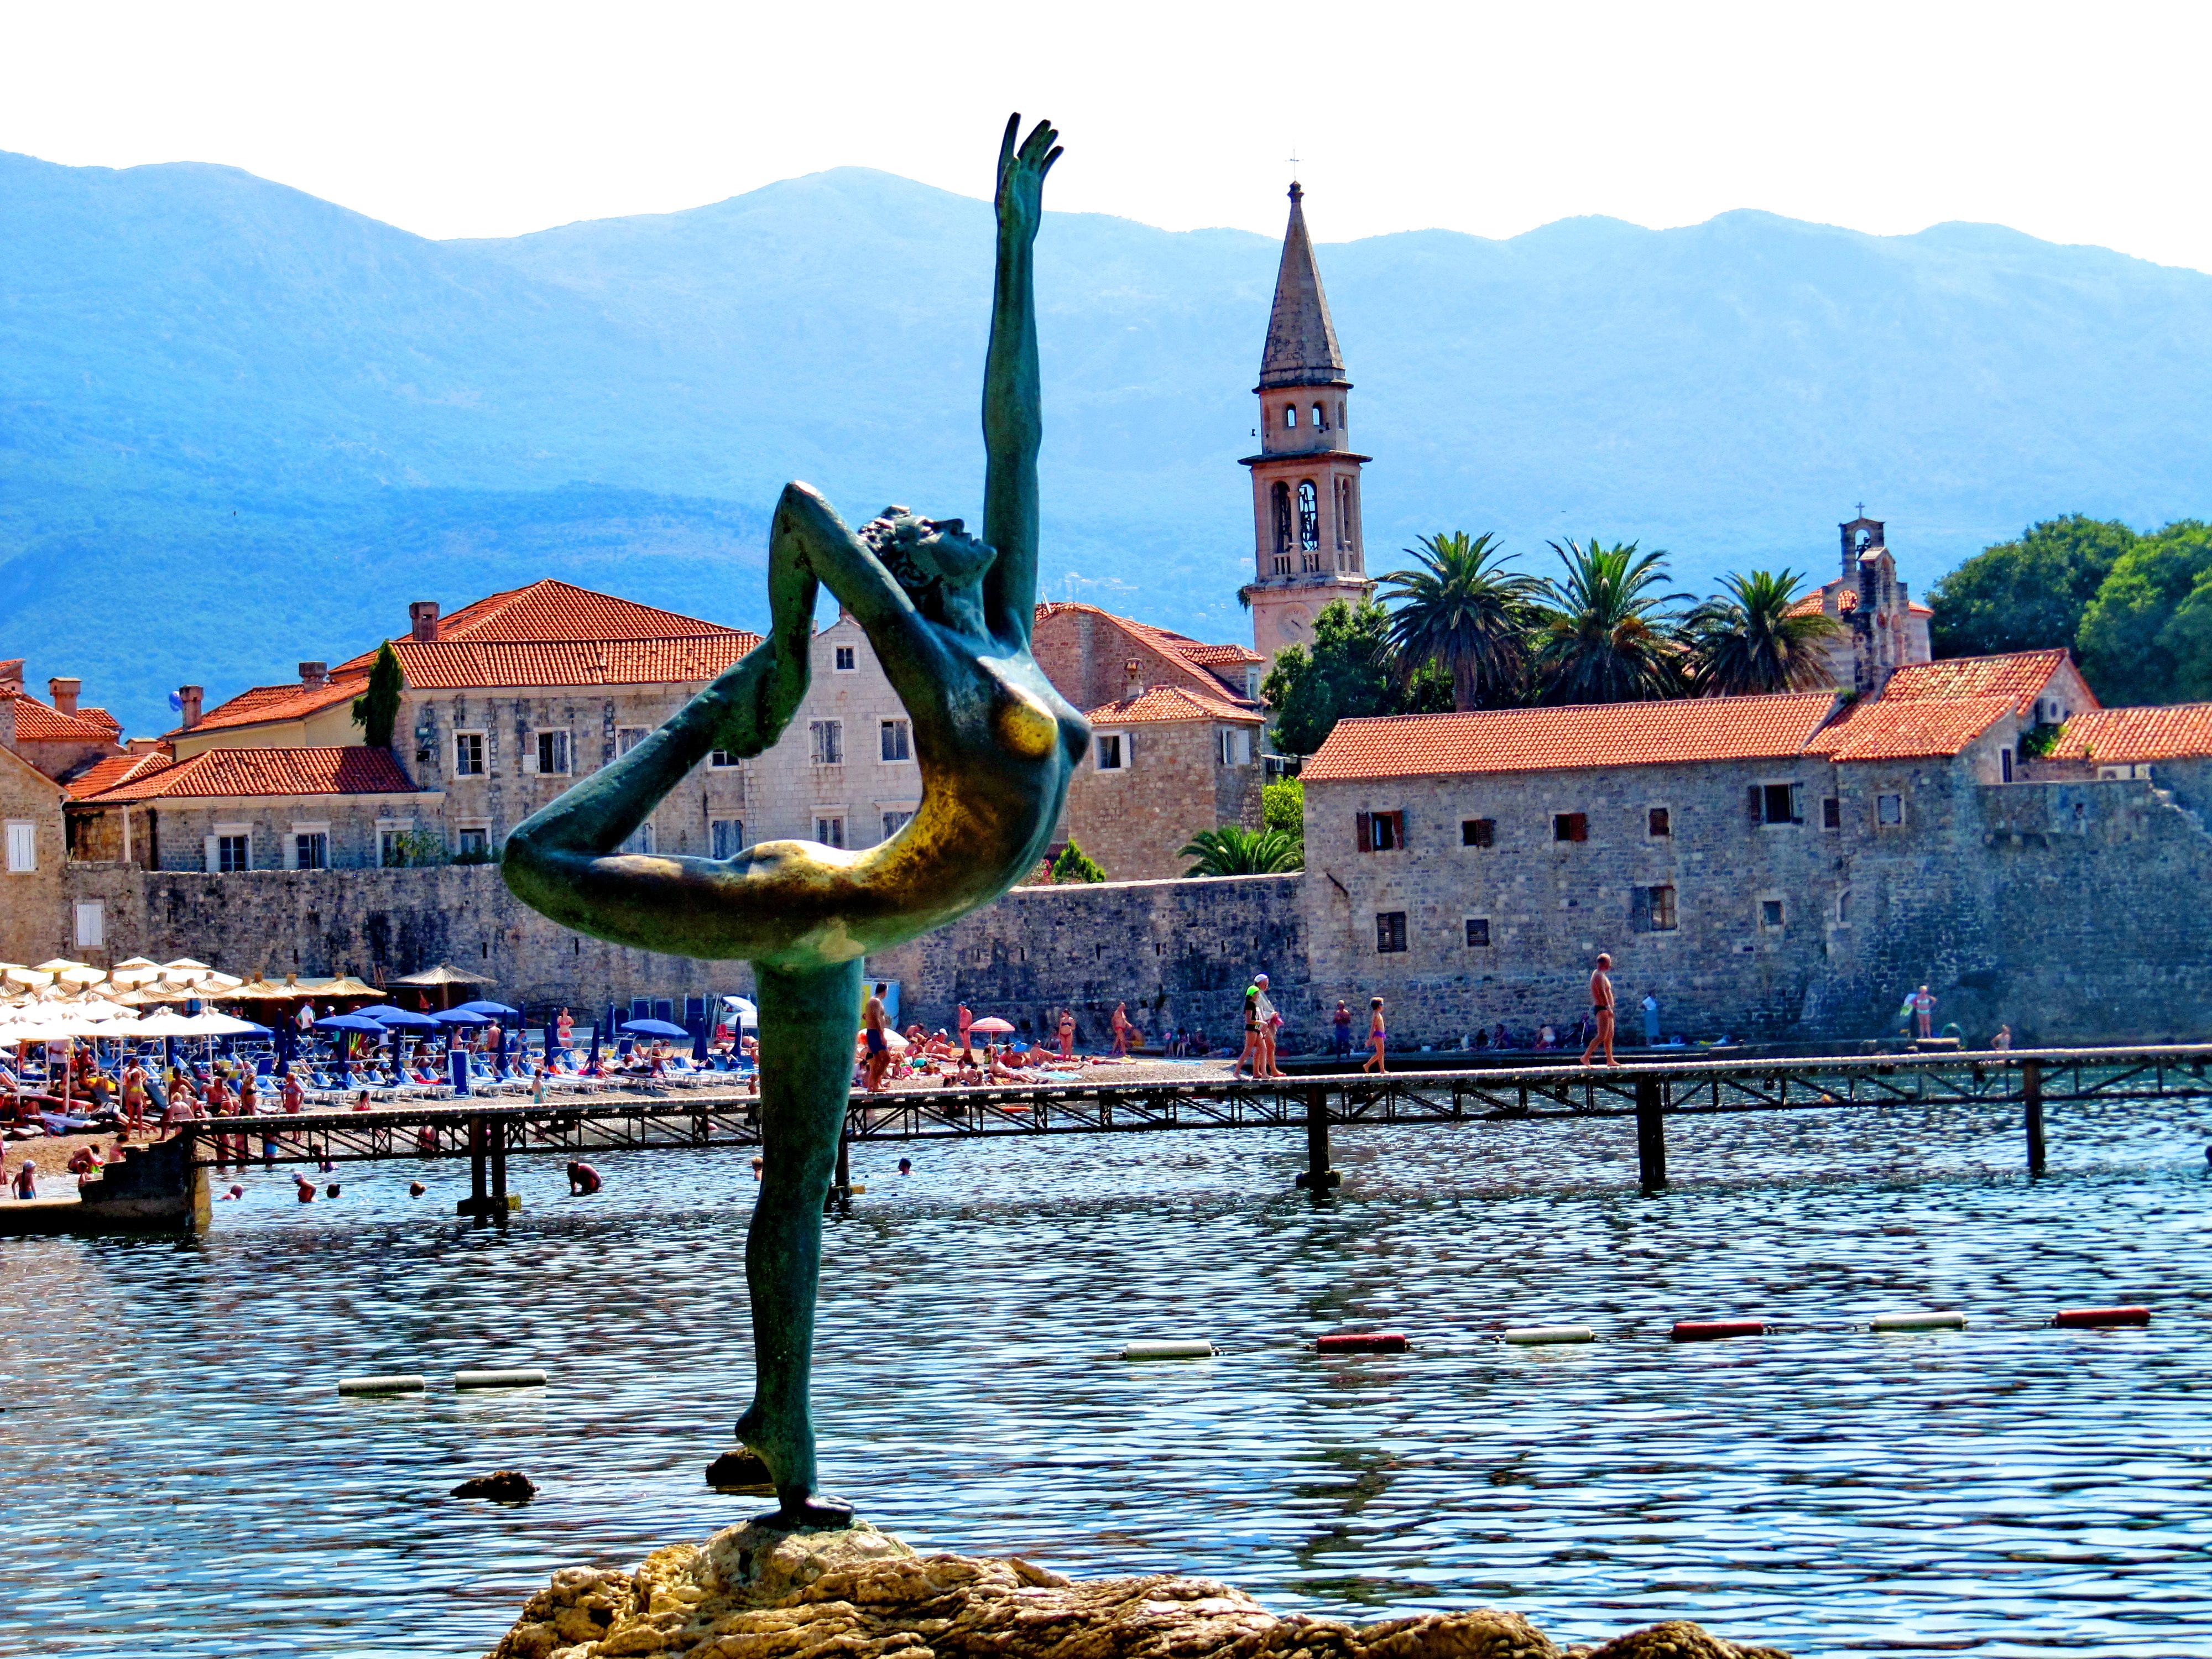 Черногория - Где бюджетно отдохнуть за границей в конце июня